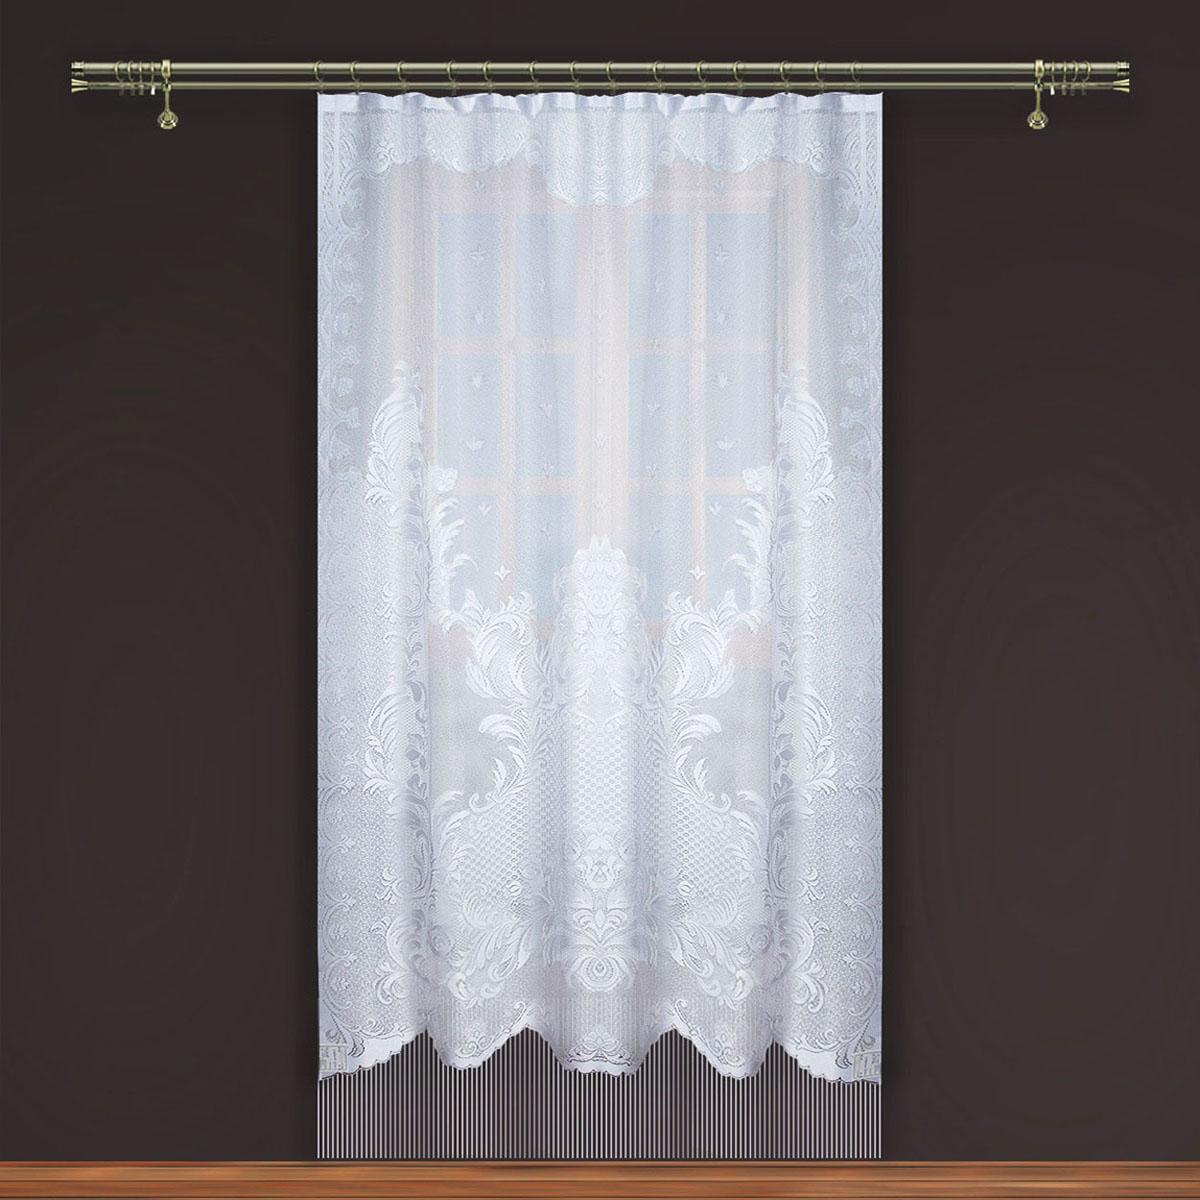 Гардина Zlata Korunka, на зажимах, цвет: белый, высота 250 см. 8886688866Гардина Zlata Korunka, изготовленная из высококачественного полиэстера, станет великолепным украшением любого окна. Изящный узор и тюле-кружевная текстура полотна привлекут к себе внимание и органично впишутся в интерьер комнаты. Оригинальное оформление гардины внесет разнообразие и подарит заряд положительного настроения. Крепится на зажимах для штор.